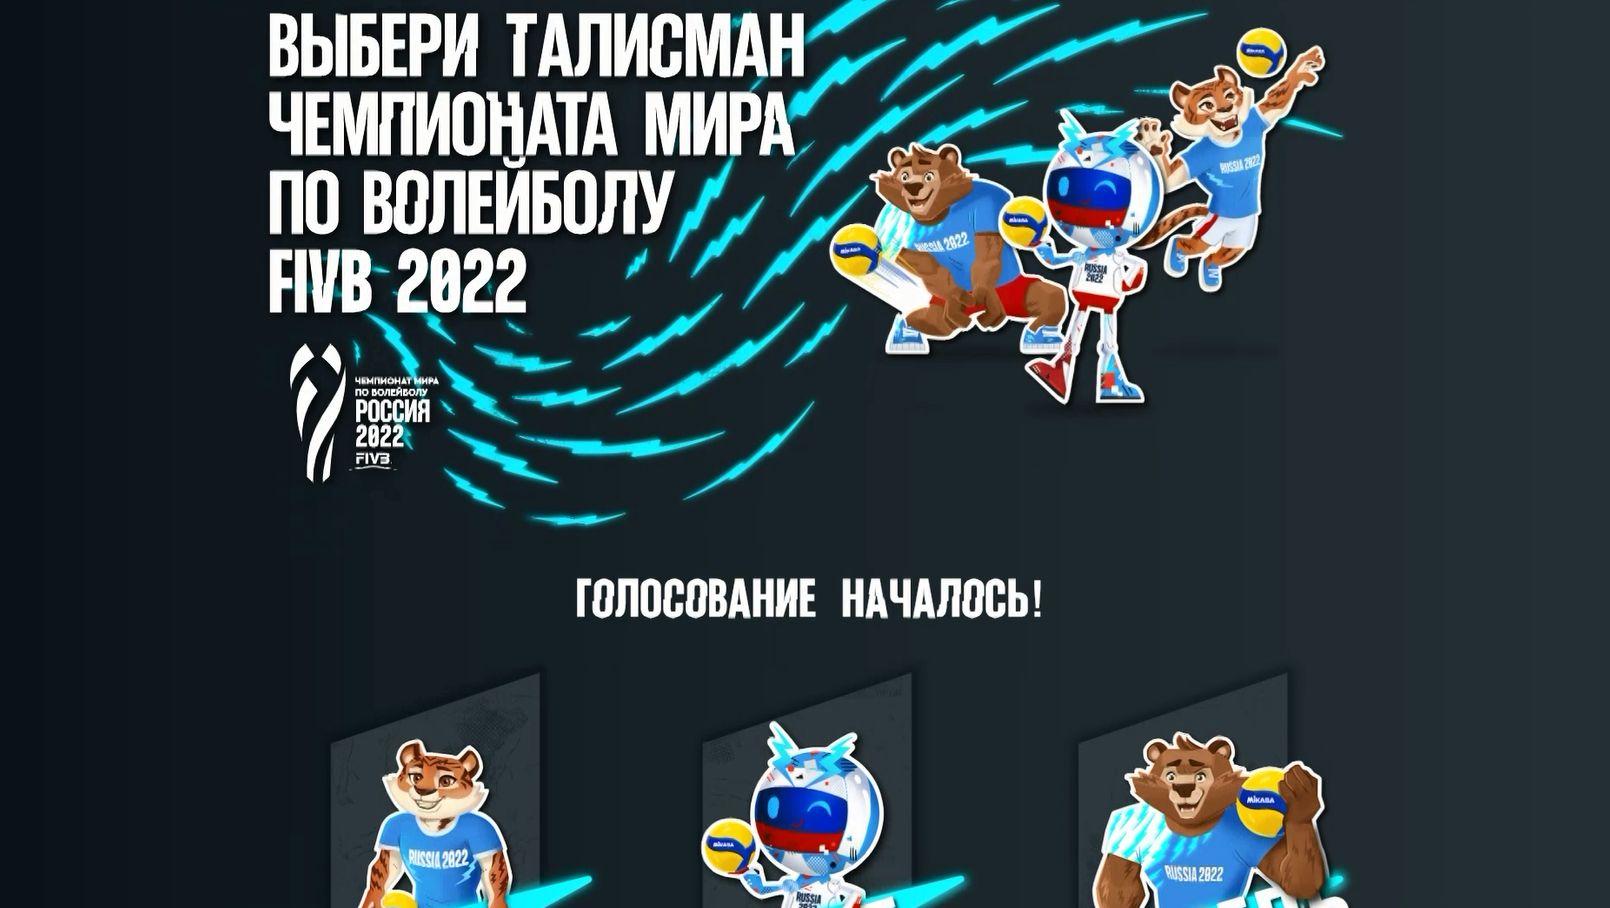 Талисмана Чемпионата мира по волейболу 2022 будут выбирать ярославцы